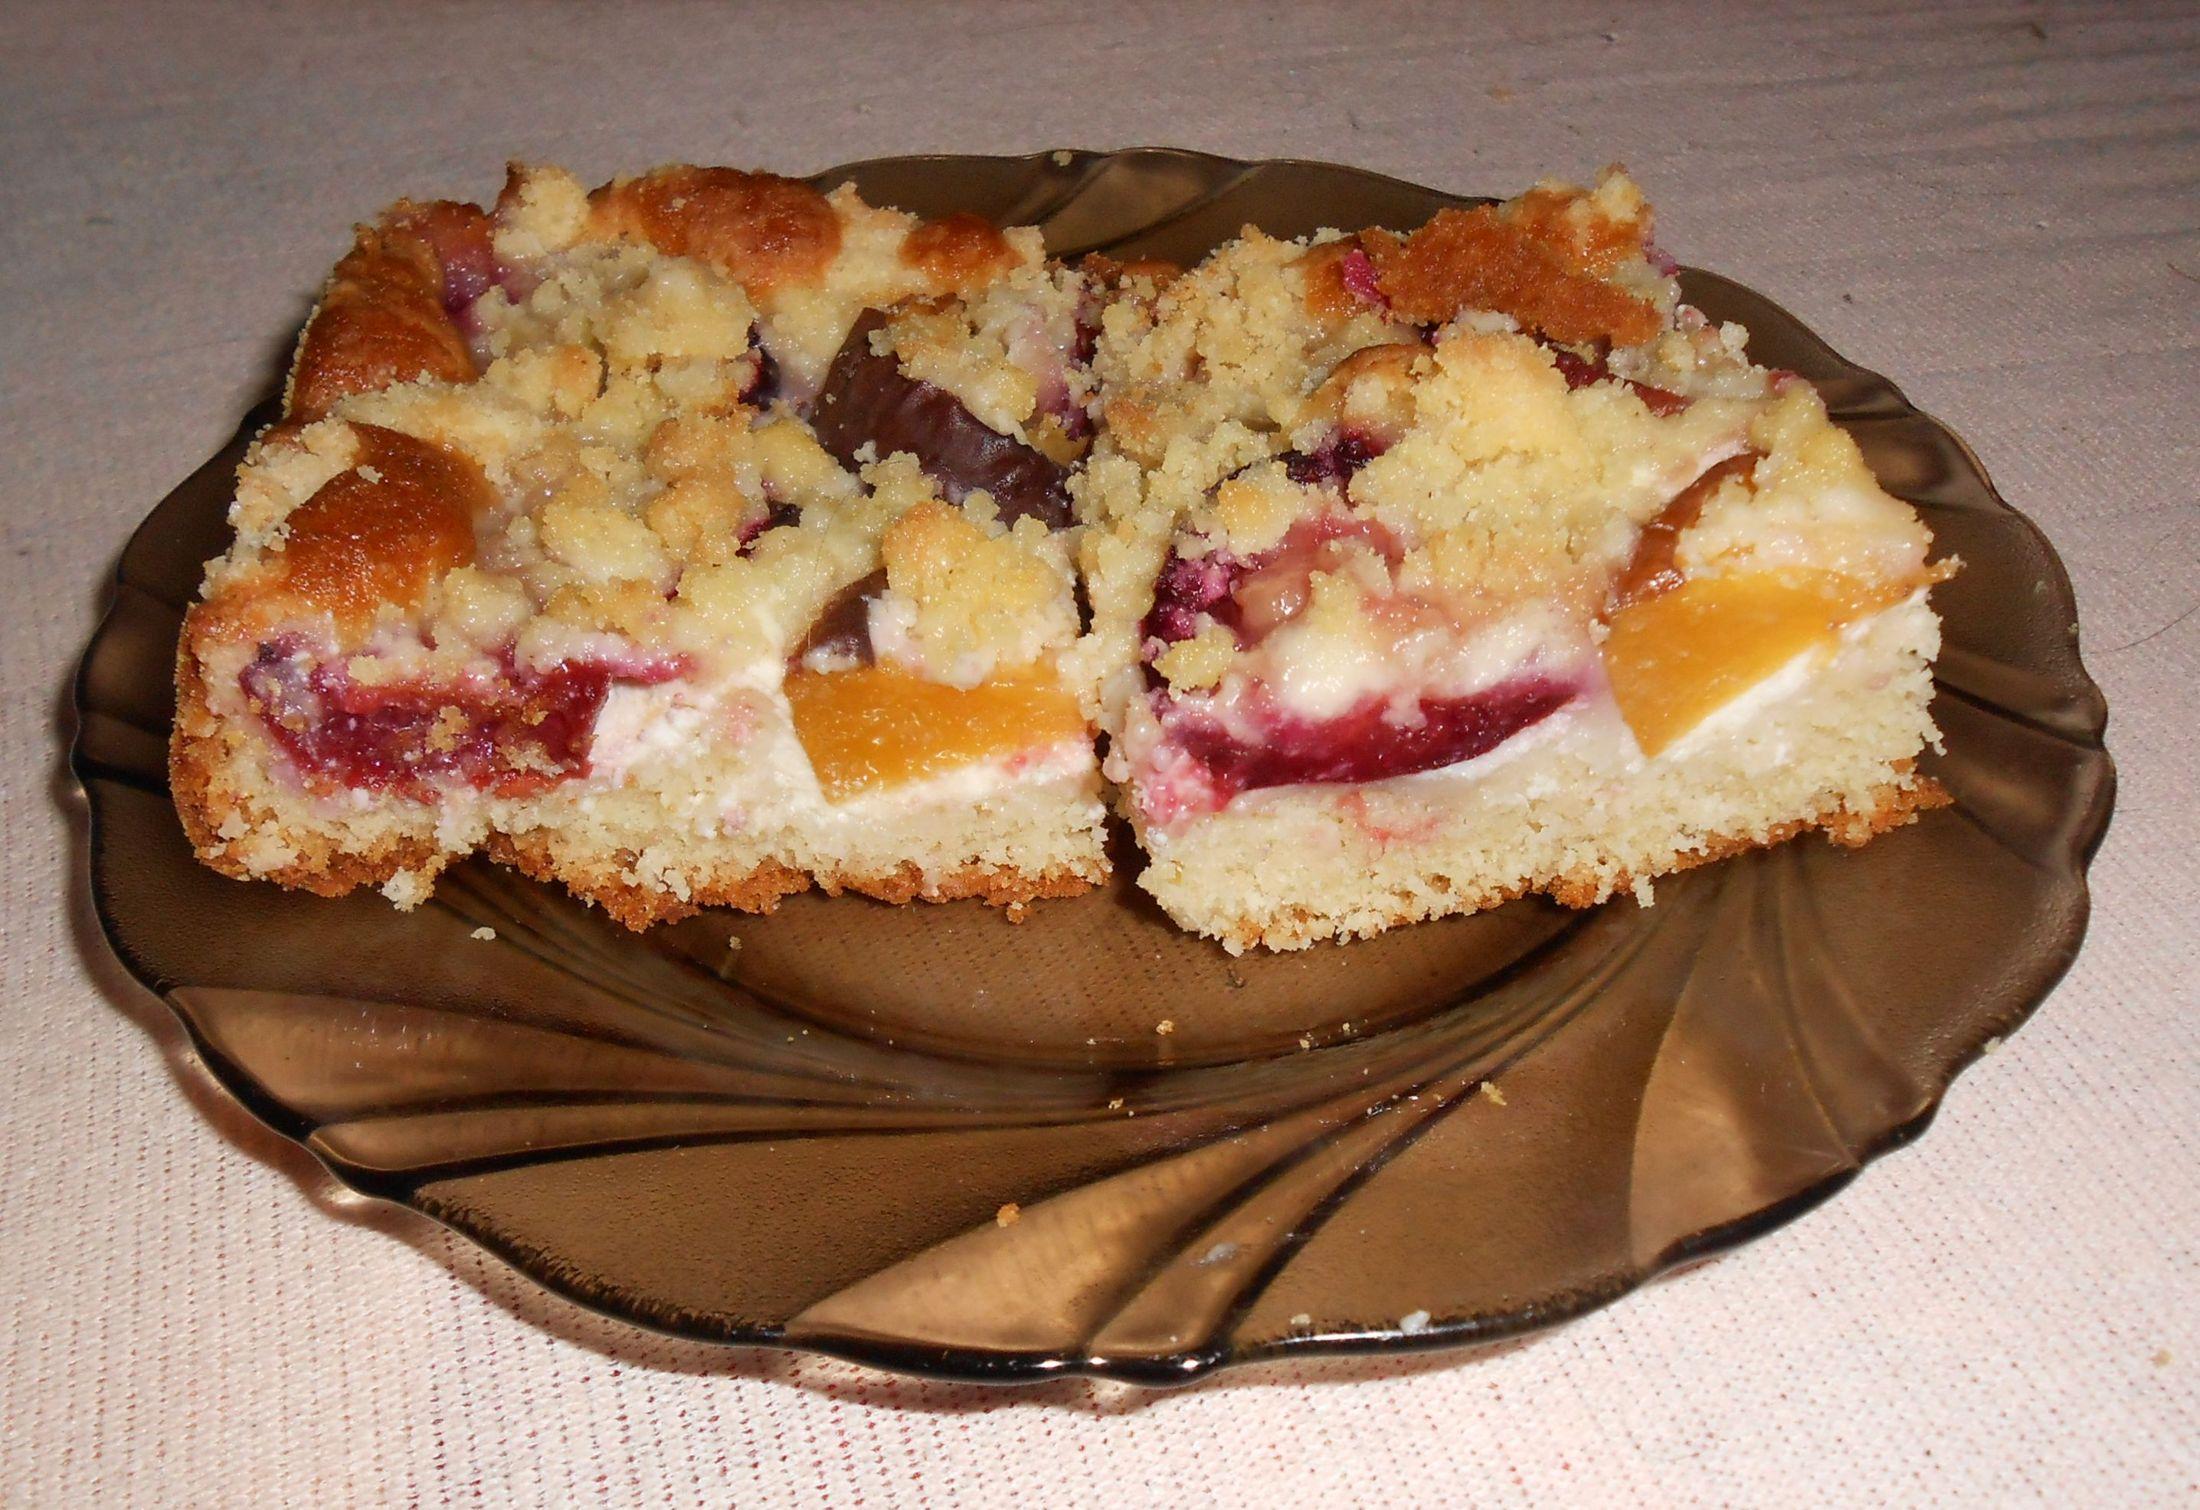 Recept Snadný meruňkový koláč - Tentokrát jsem dala místo meruňek švestky a broskve. Výsledek byl ještě lepší než minule.